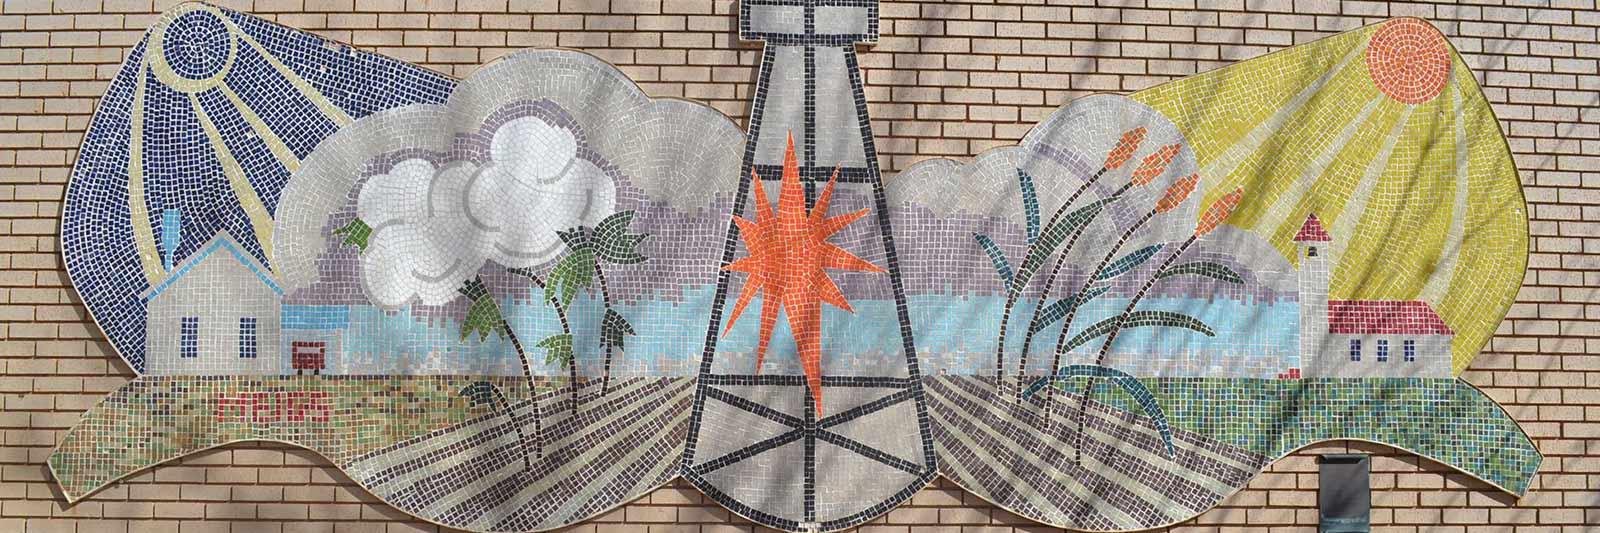 mosaic1-1600x533.jpg